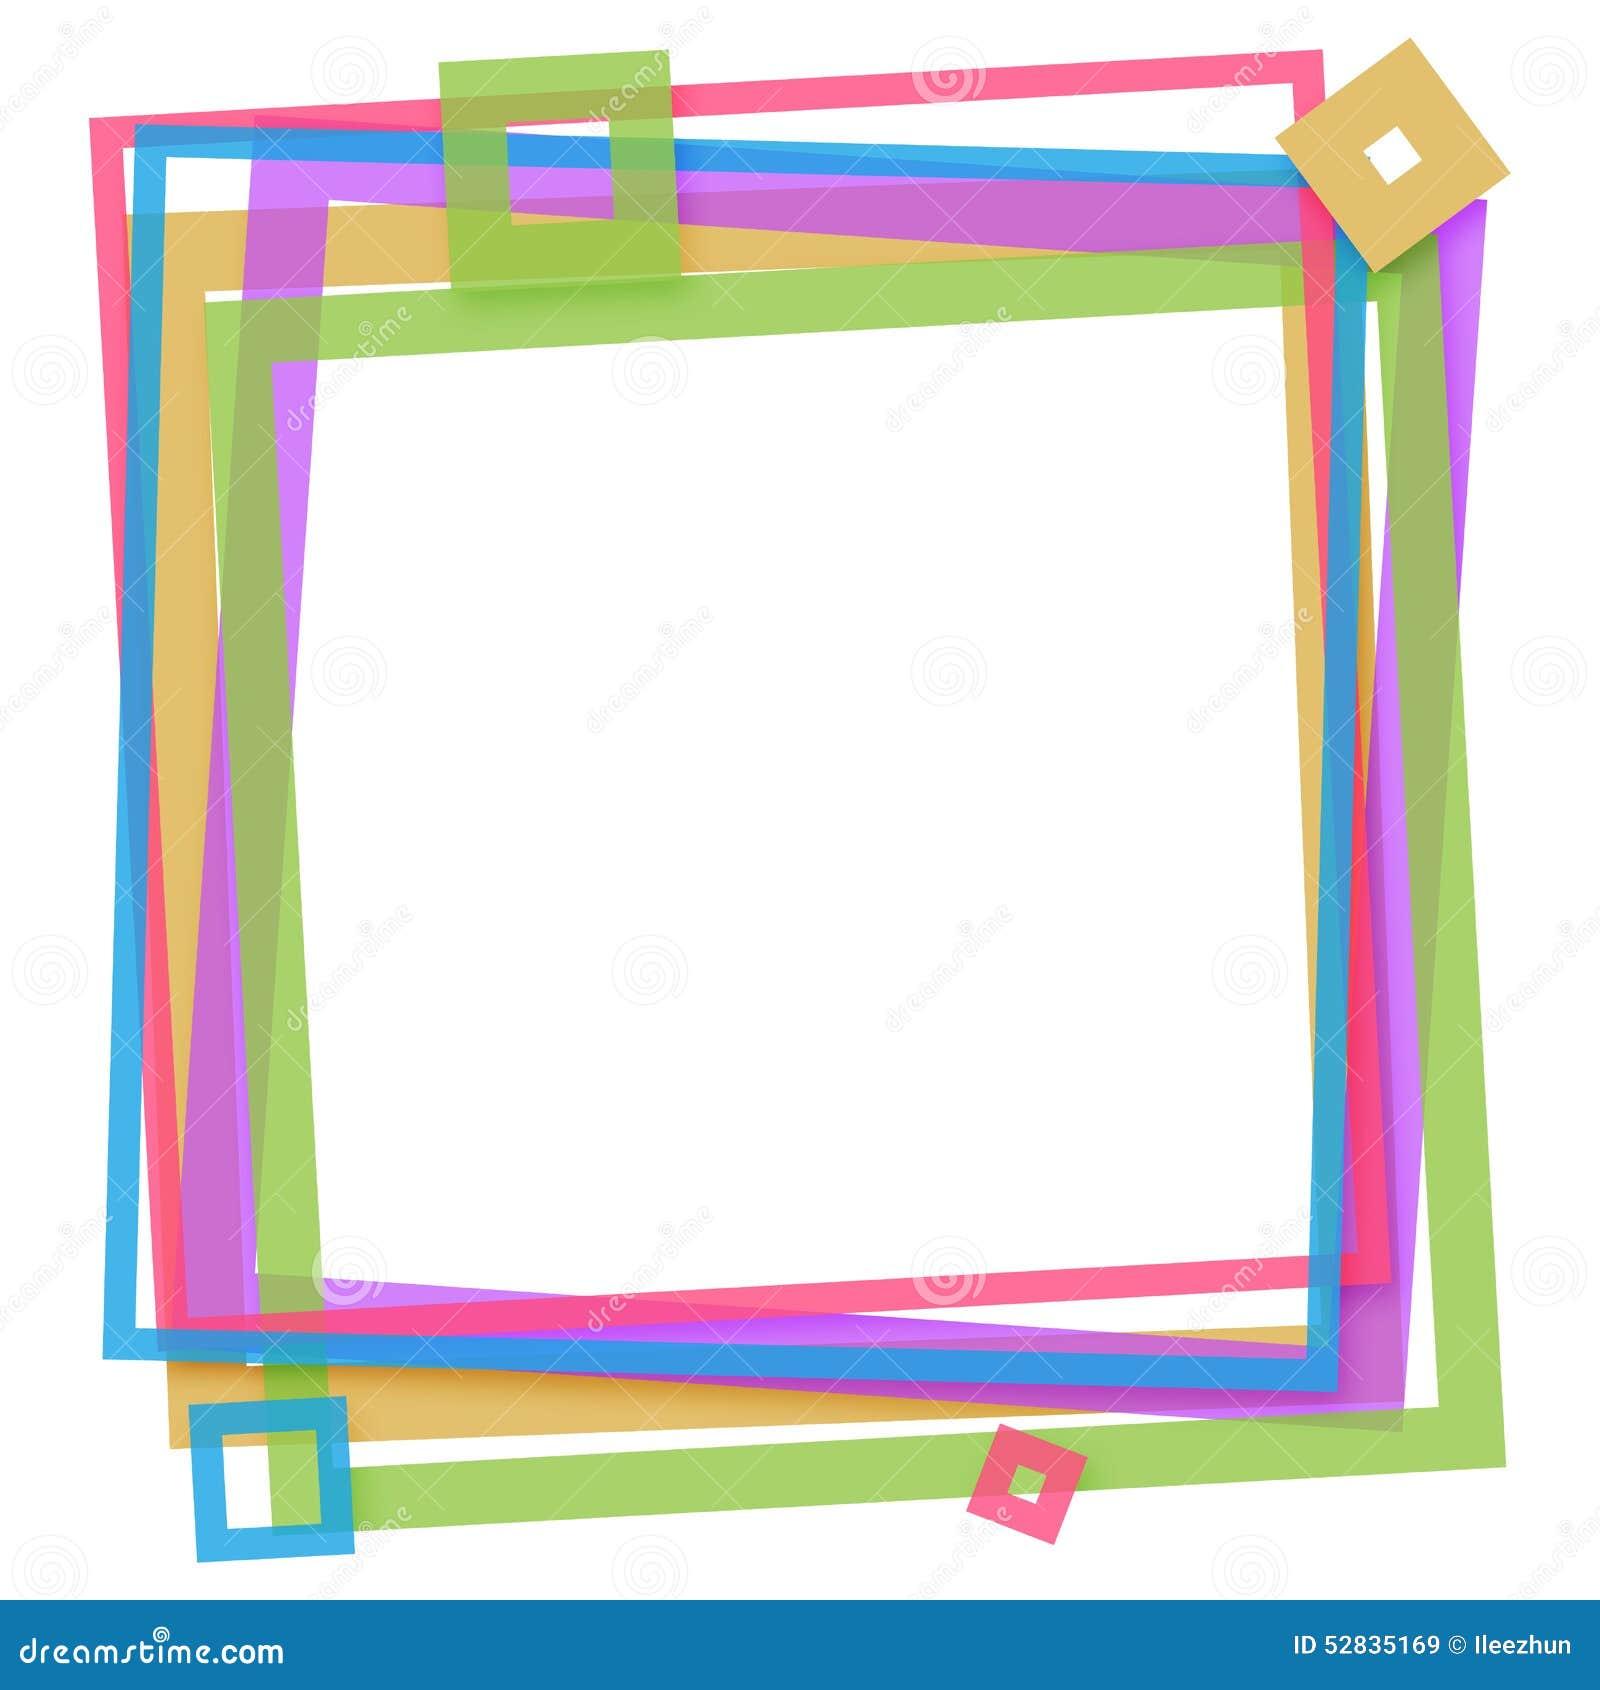 五颜六色的框架正方形图片